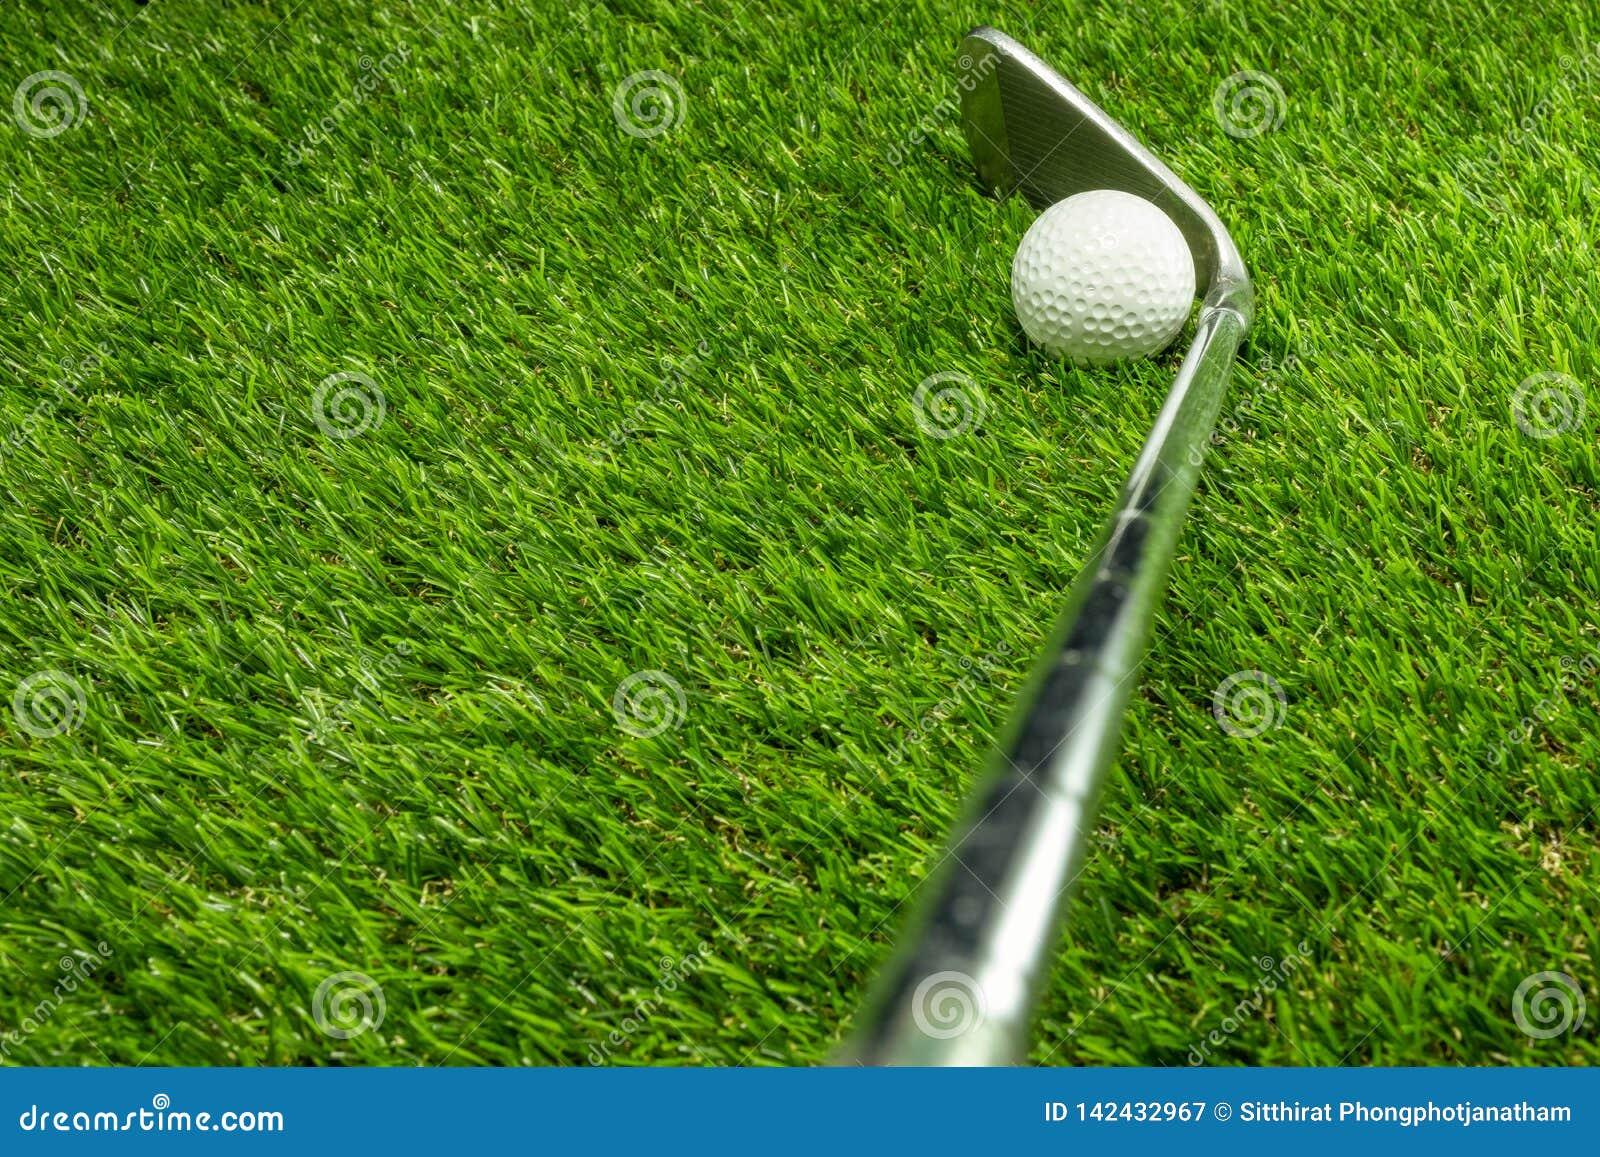 Boule de golf et club de golf sur l herbe